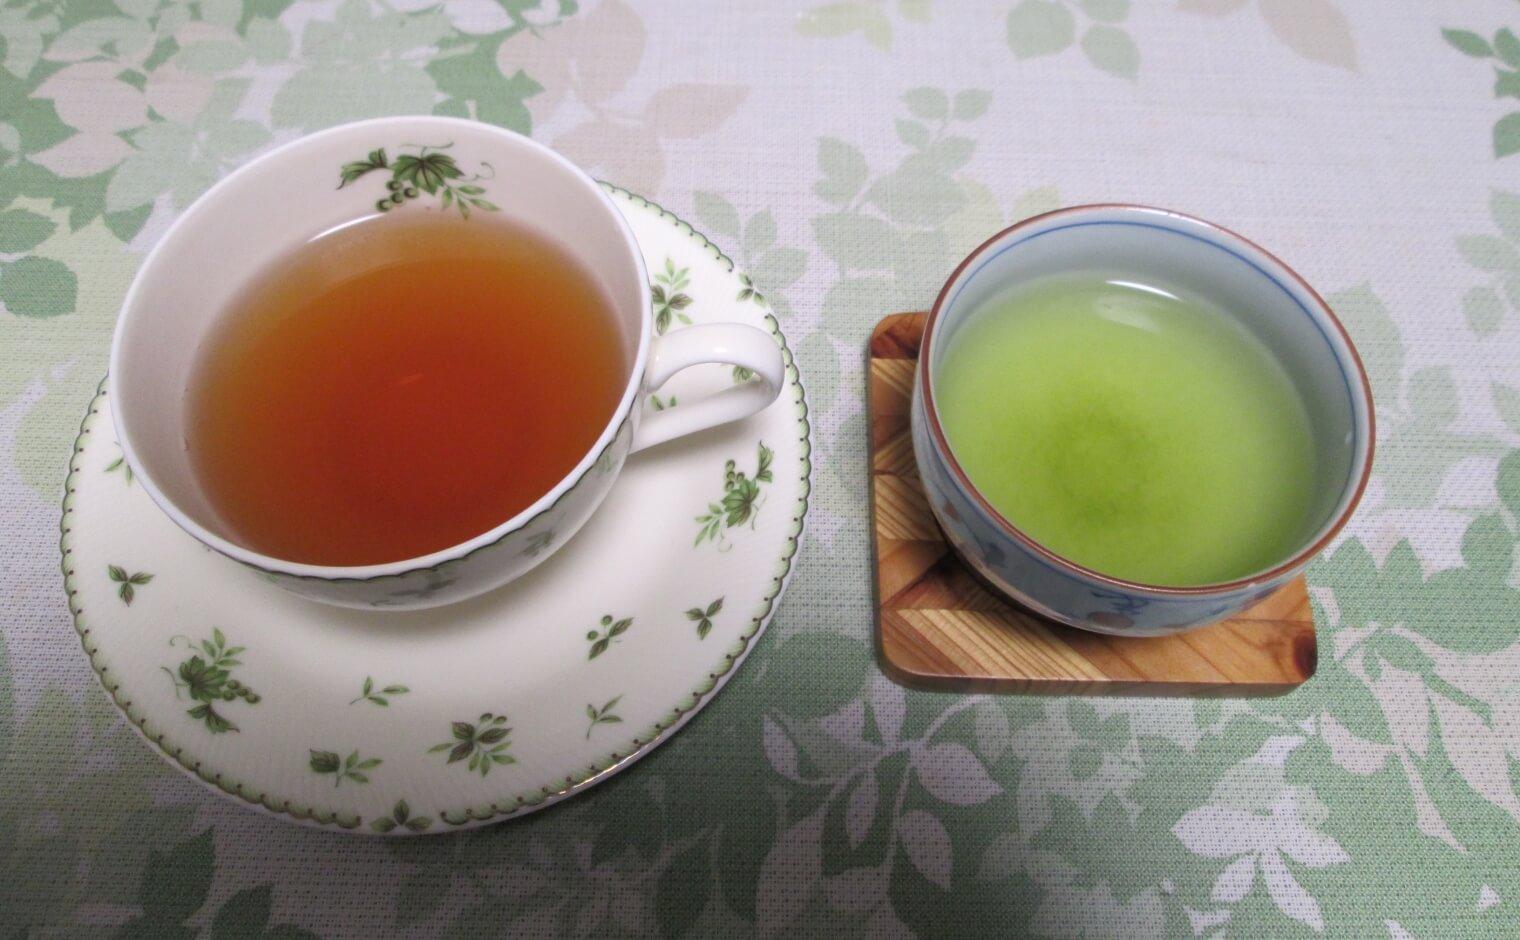 緑茶と紅茶